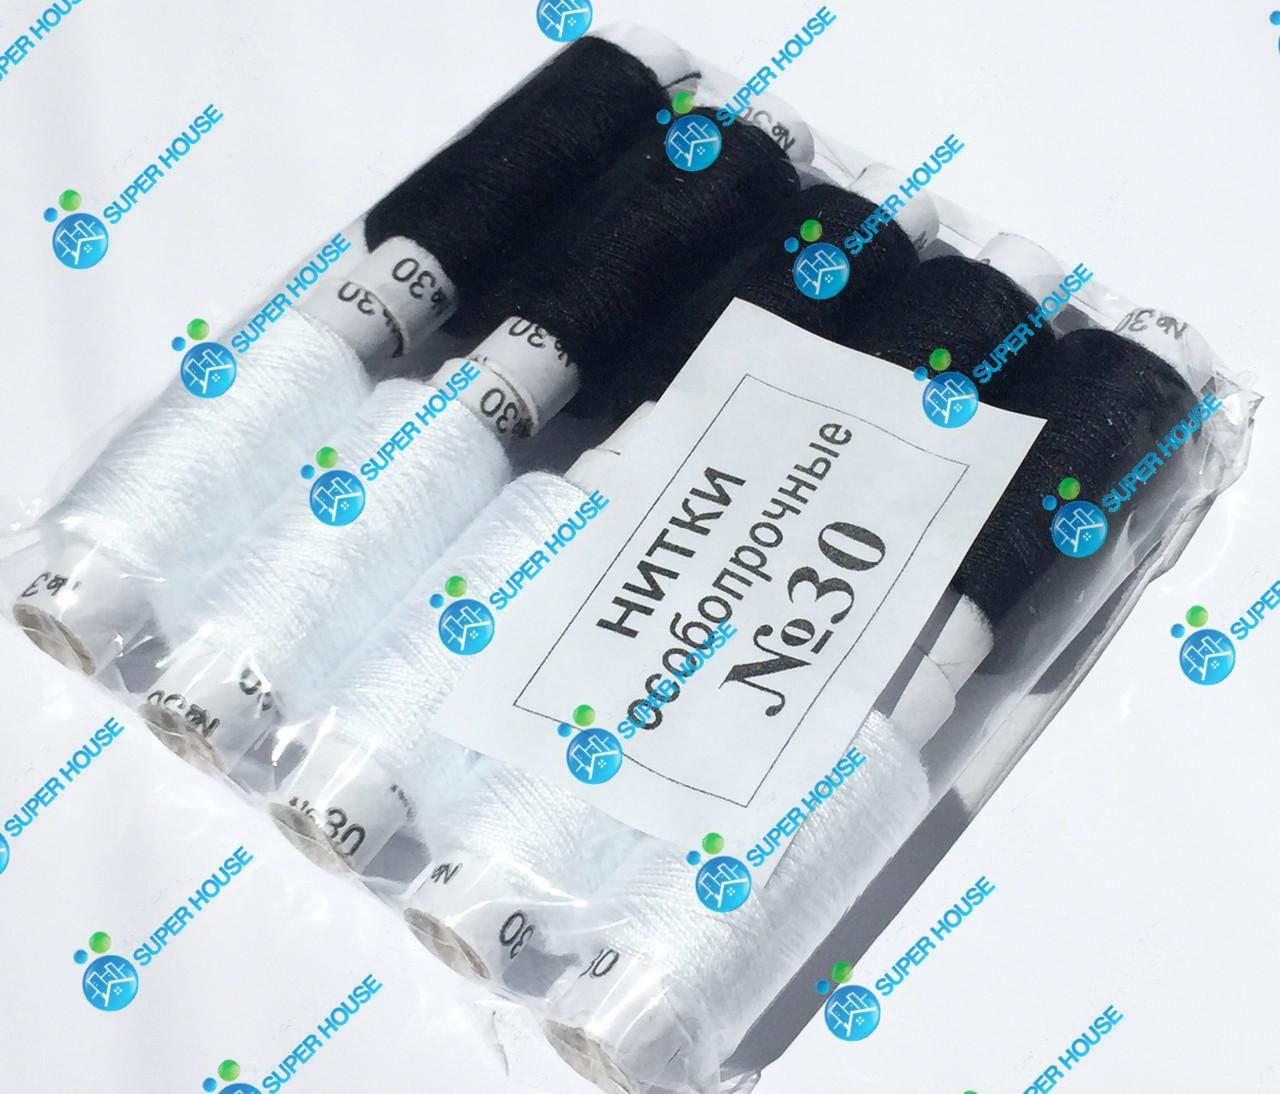 Швейная нитка №30 черно-белая. Полиэстер. Плотный намот 200м. 10 катушек в 1 уп.